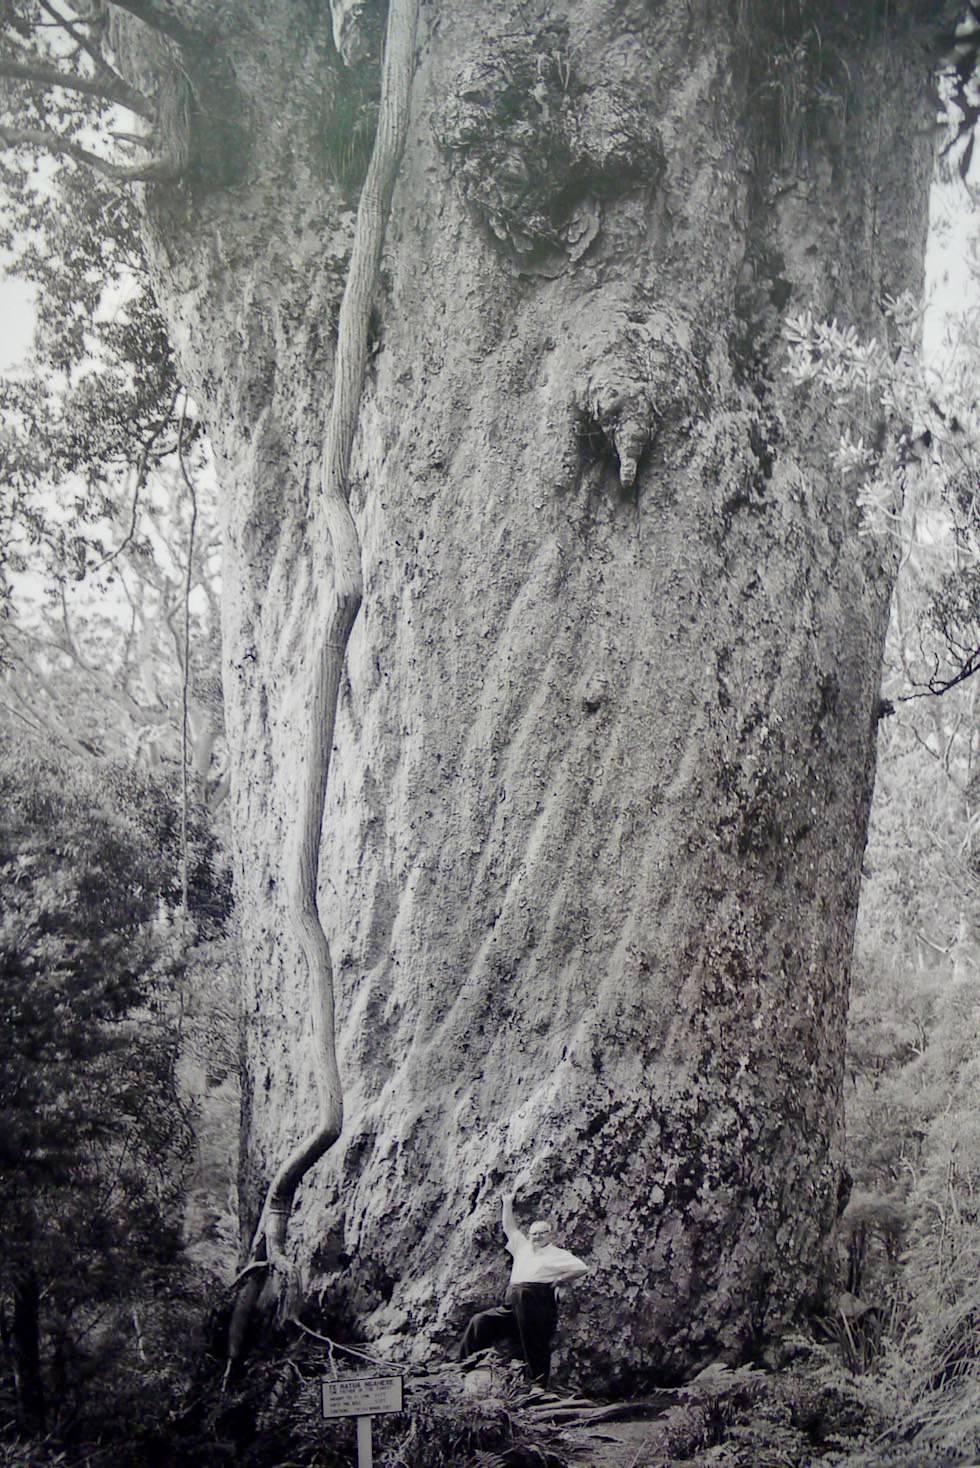 Kauri Museum - Gigantischer Kauri Baum zur Pionierzeit im Vergleich zum Mensch - Nordinsel Neuseeland